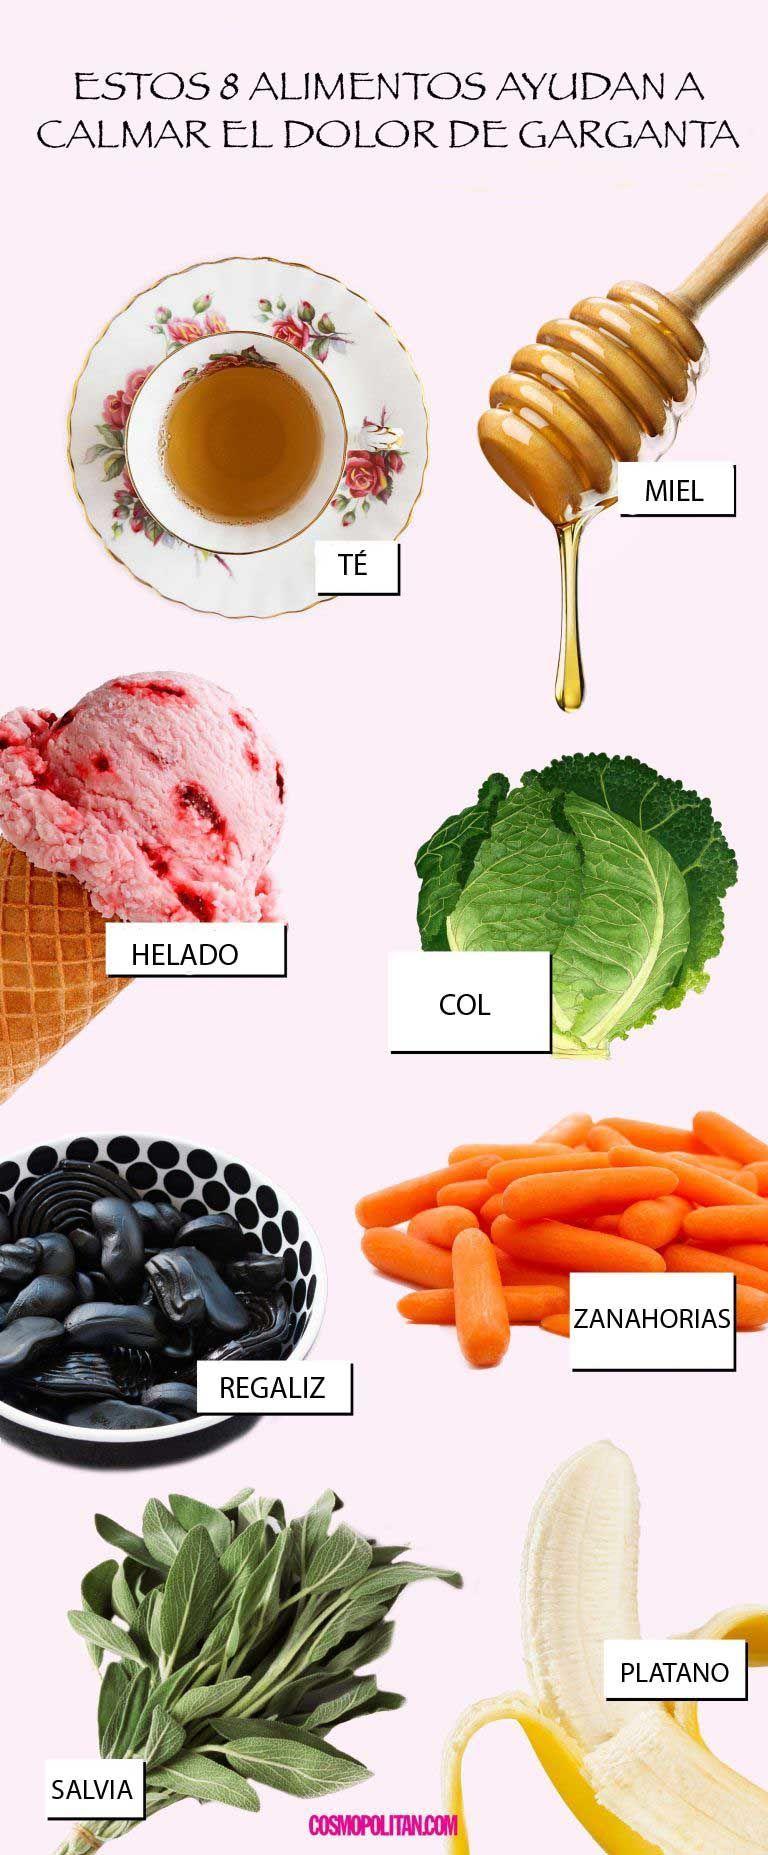 puedo comer helado con amigdalitis